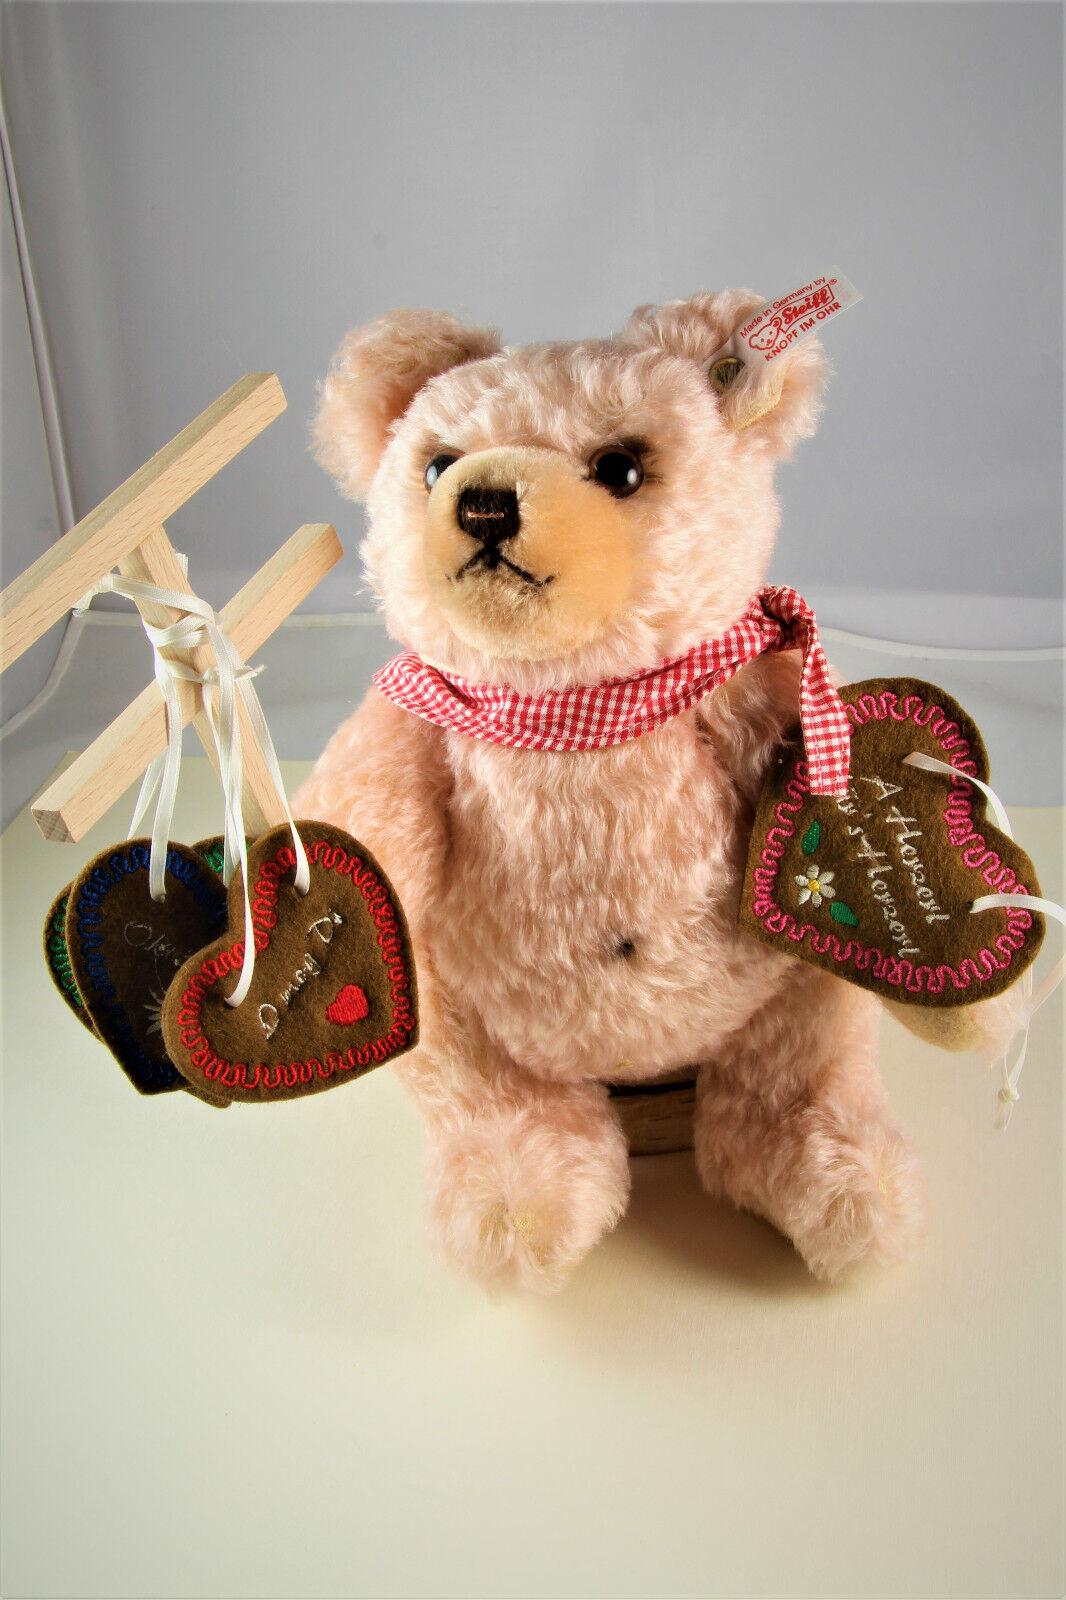 STEIFF Teddybär Herzl-Verkäuferin rose 25 cm 2013 Nr.407/1000 EAN 673702